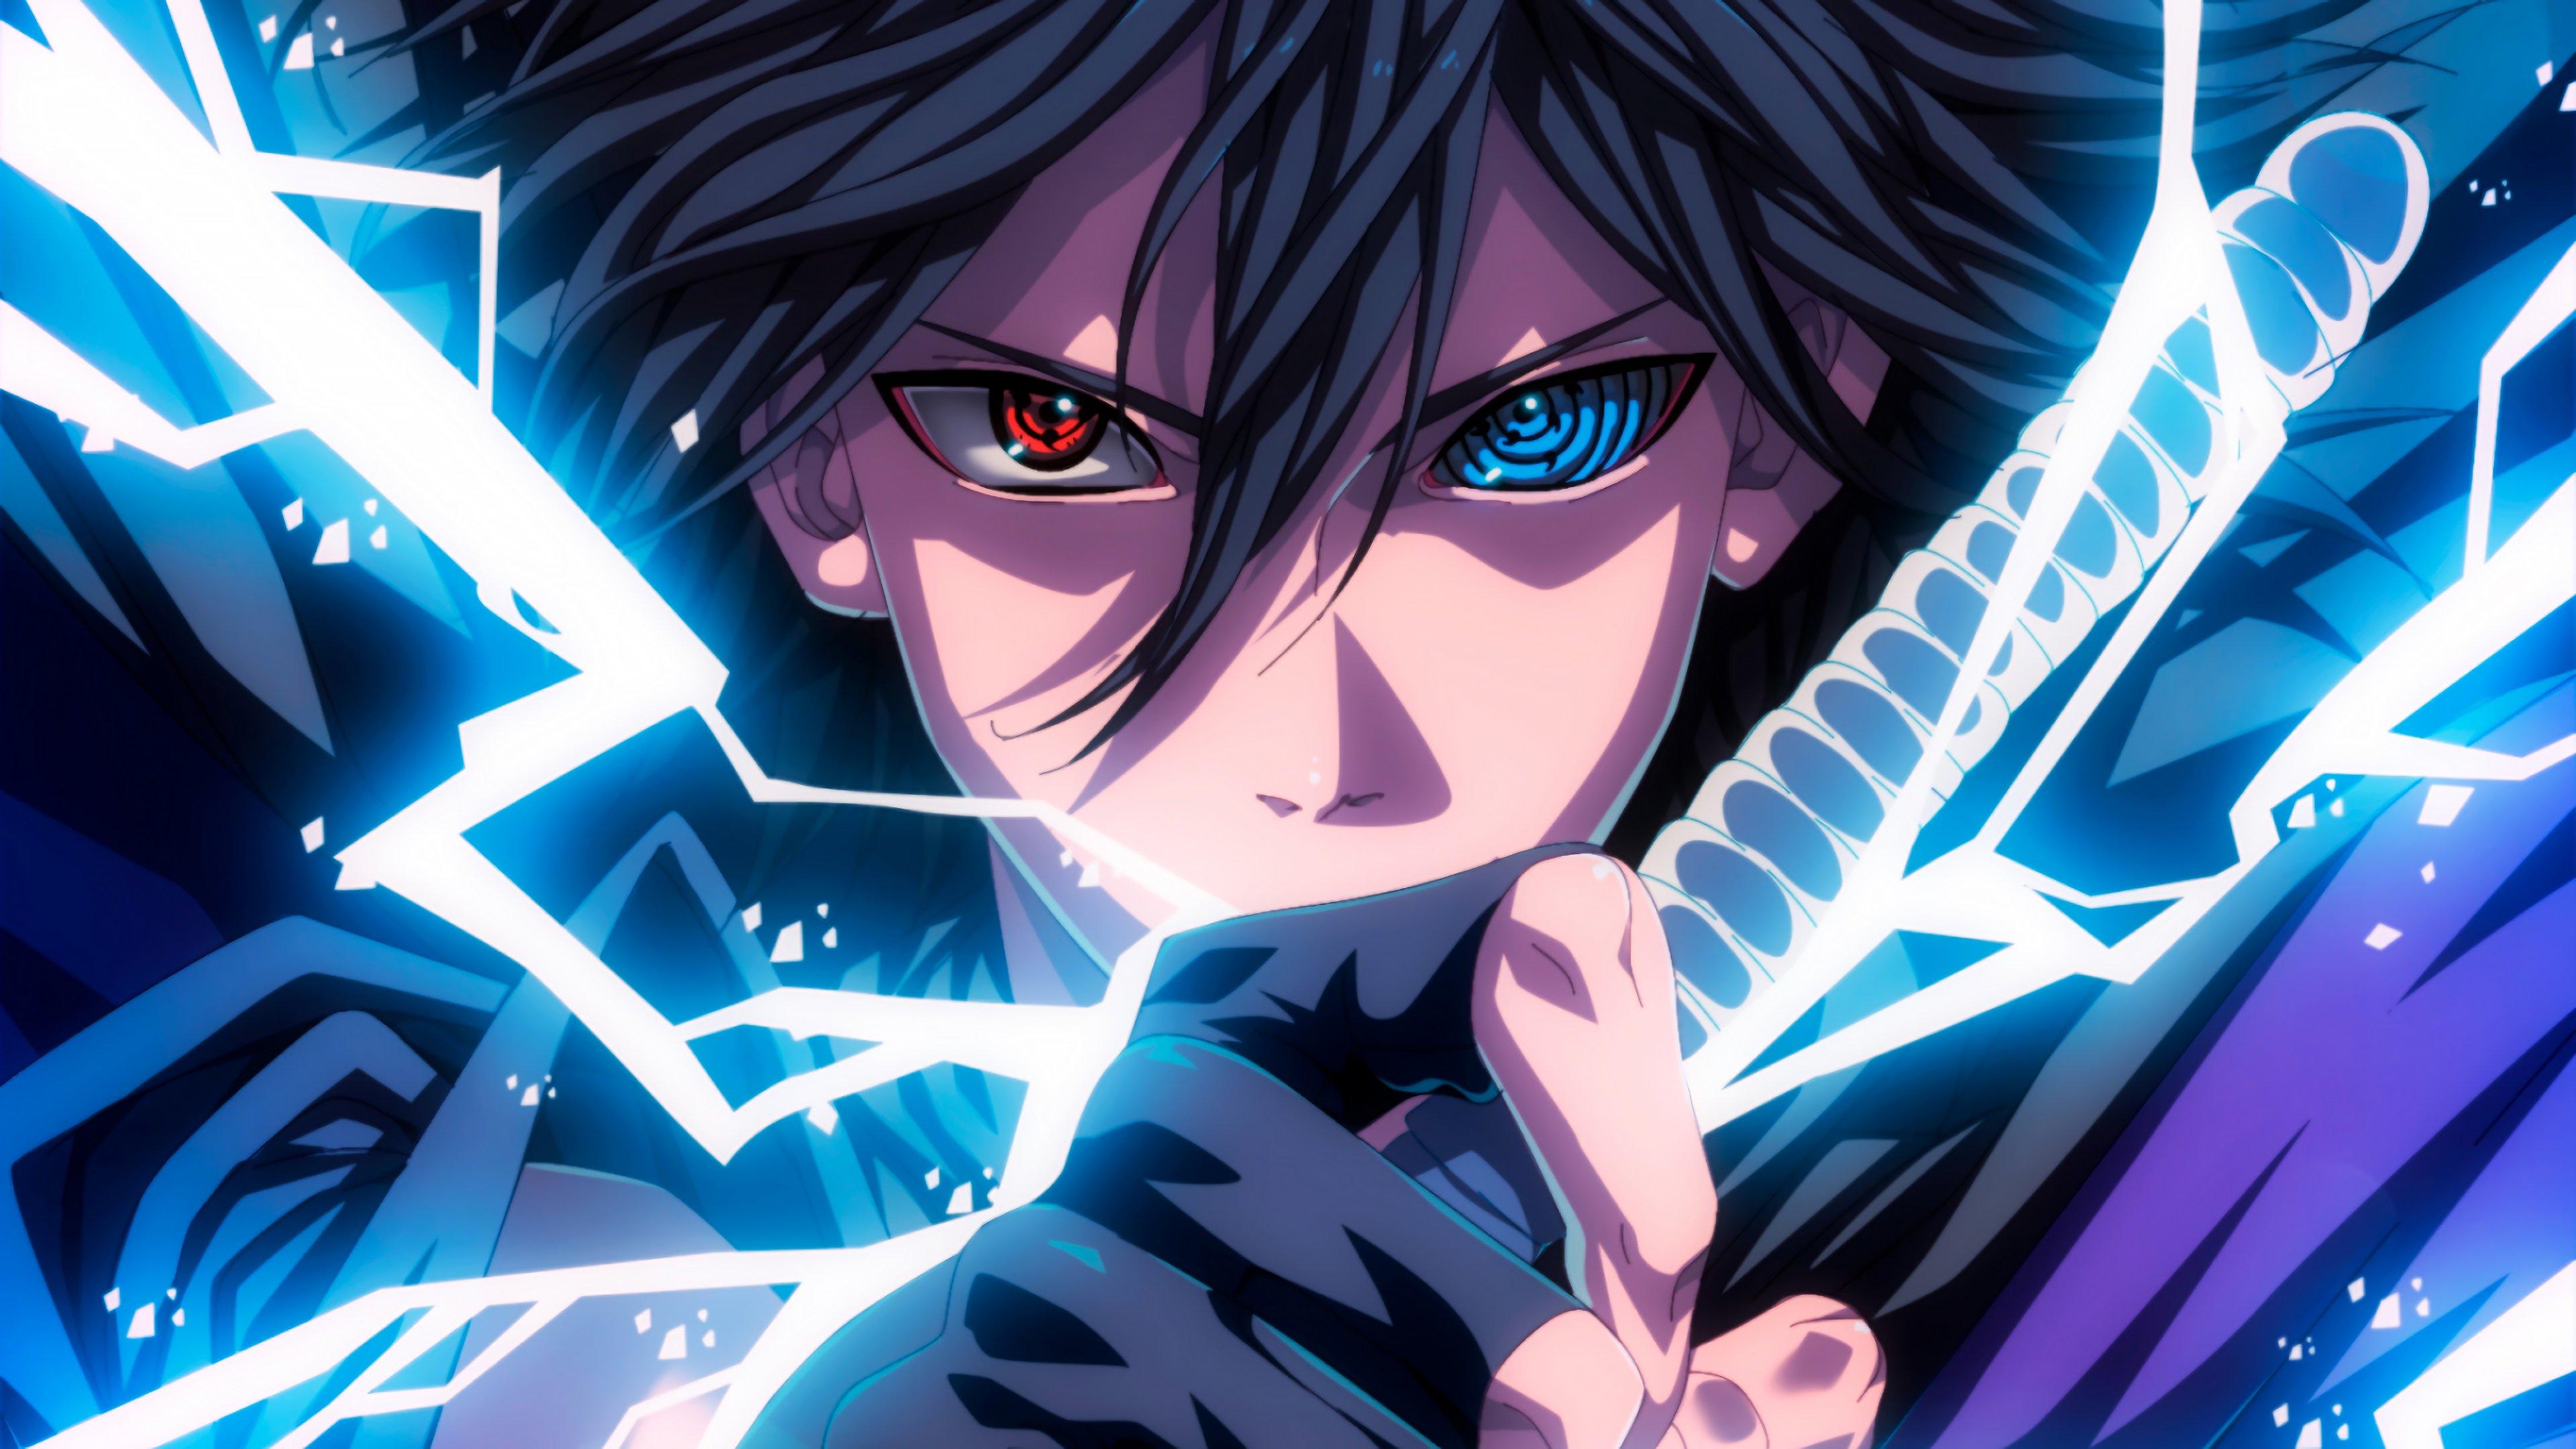 Sasuke Sharingan Rinnegan Eyes Lightning Anime Wallpaper 4k